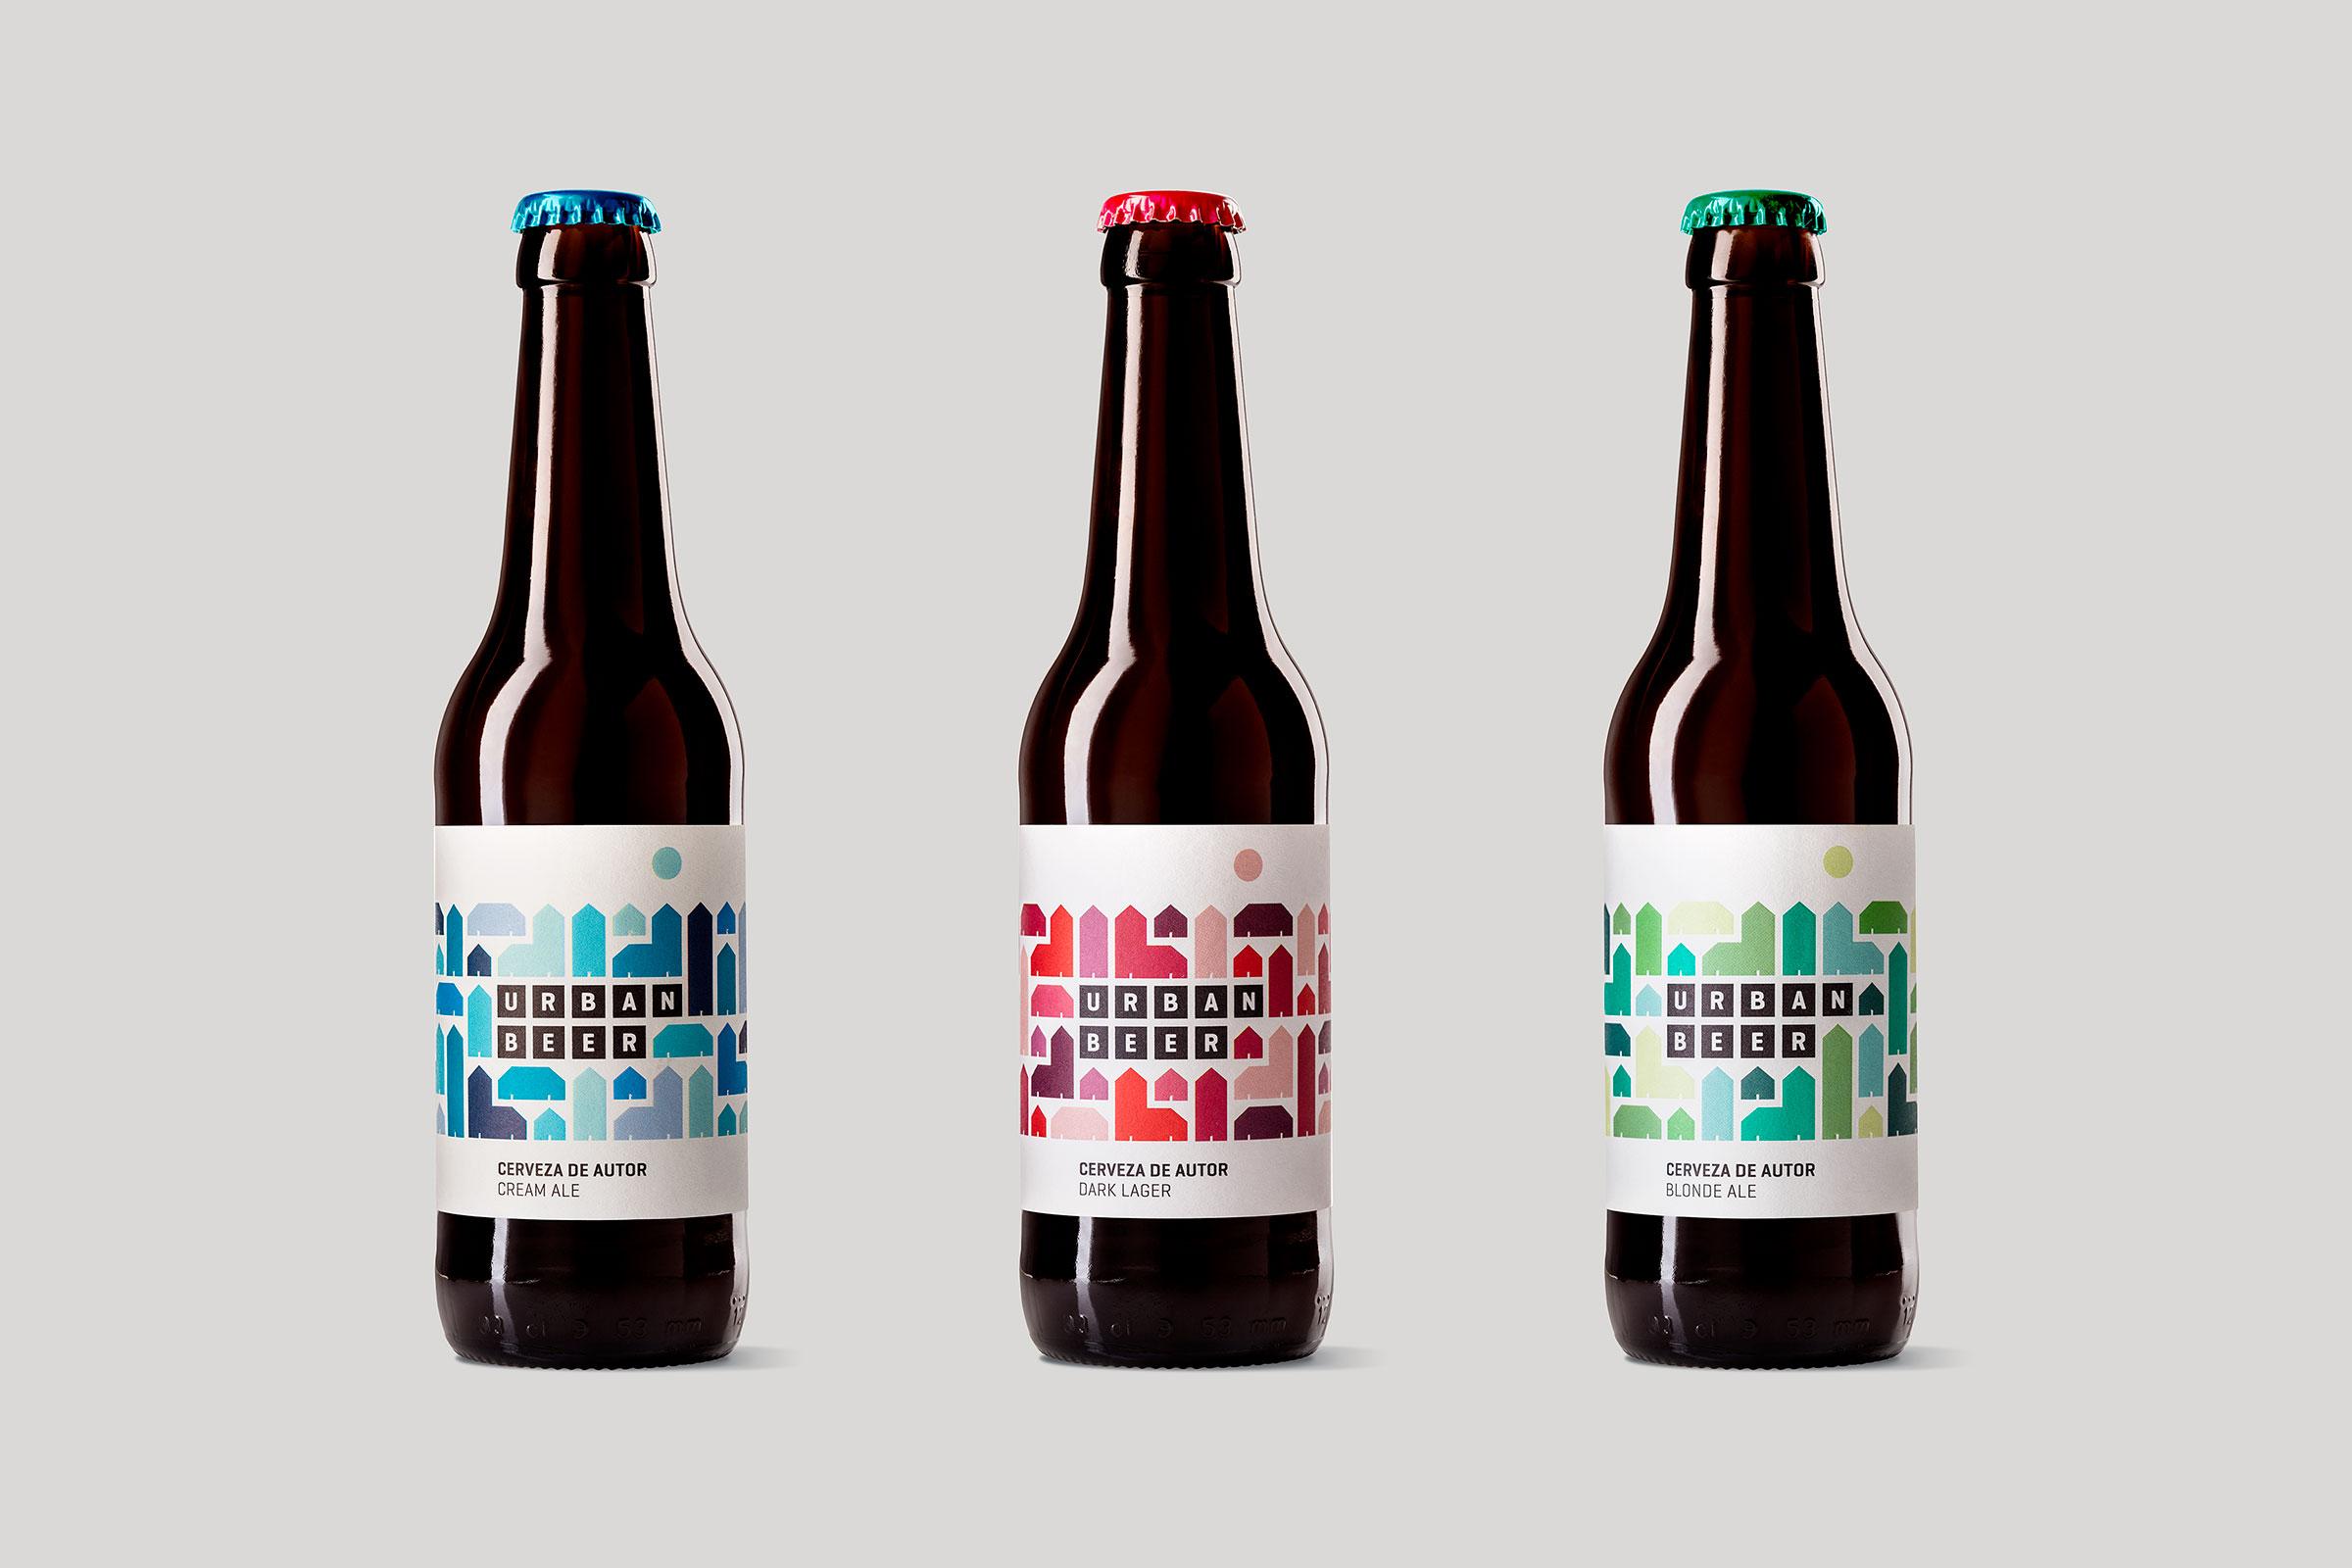 Tres versiones del packaging para la cerveza de autor Urbanbeer